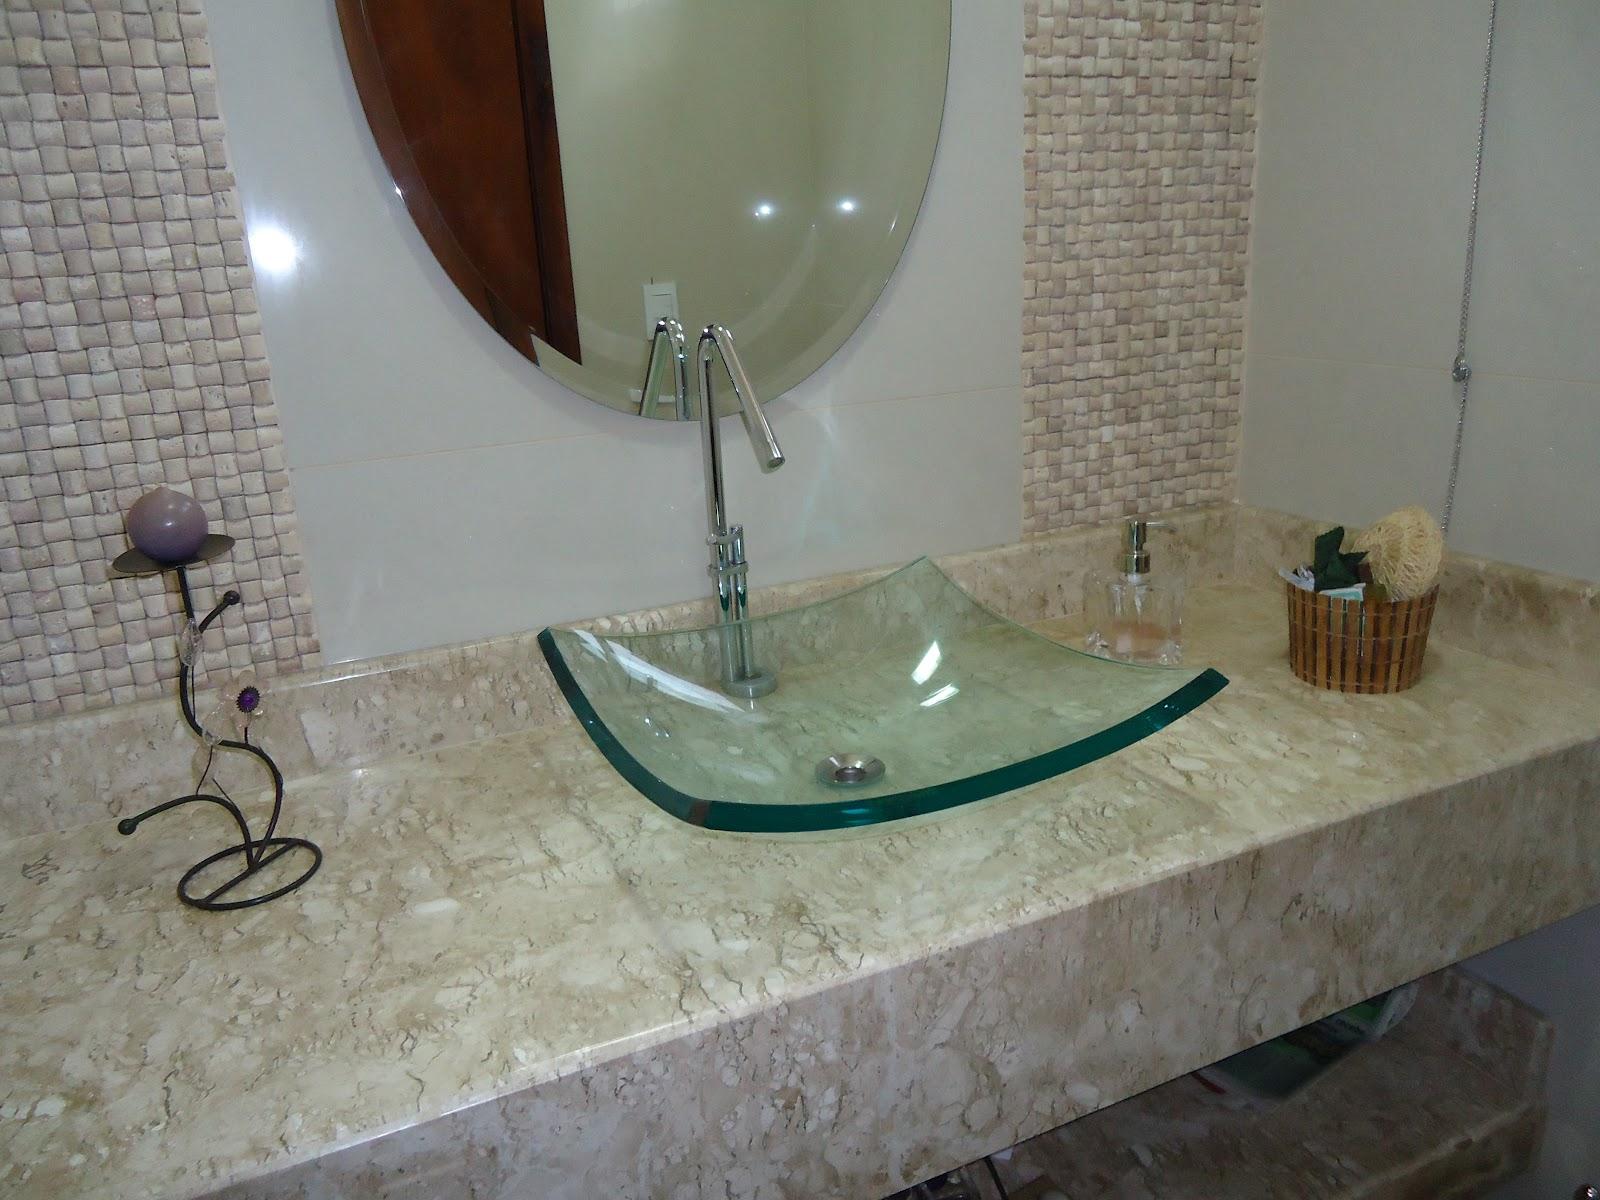 Arquiteta Bianca Monteiro: Pastilhas e vidro nos banheiros #5A4E3C 1600x1200 Bancada Banheiro Duas Cubas